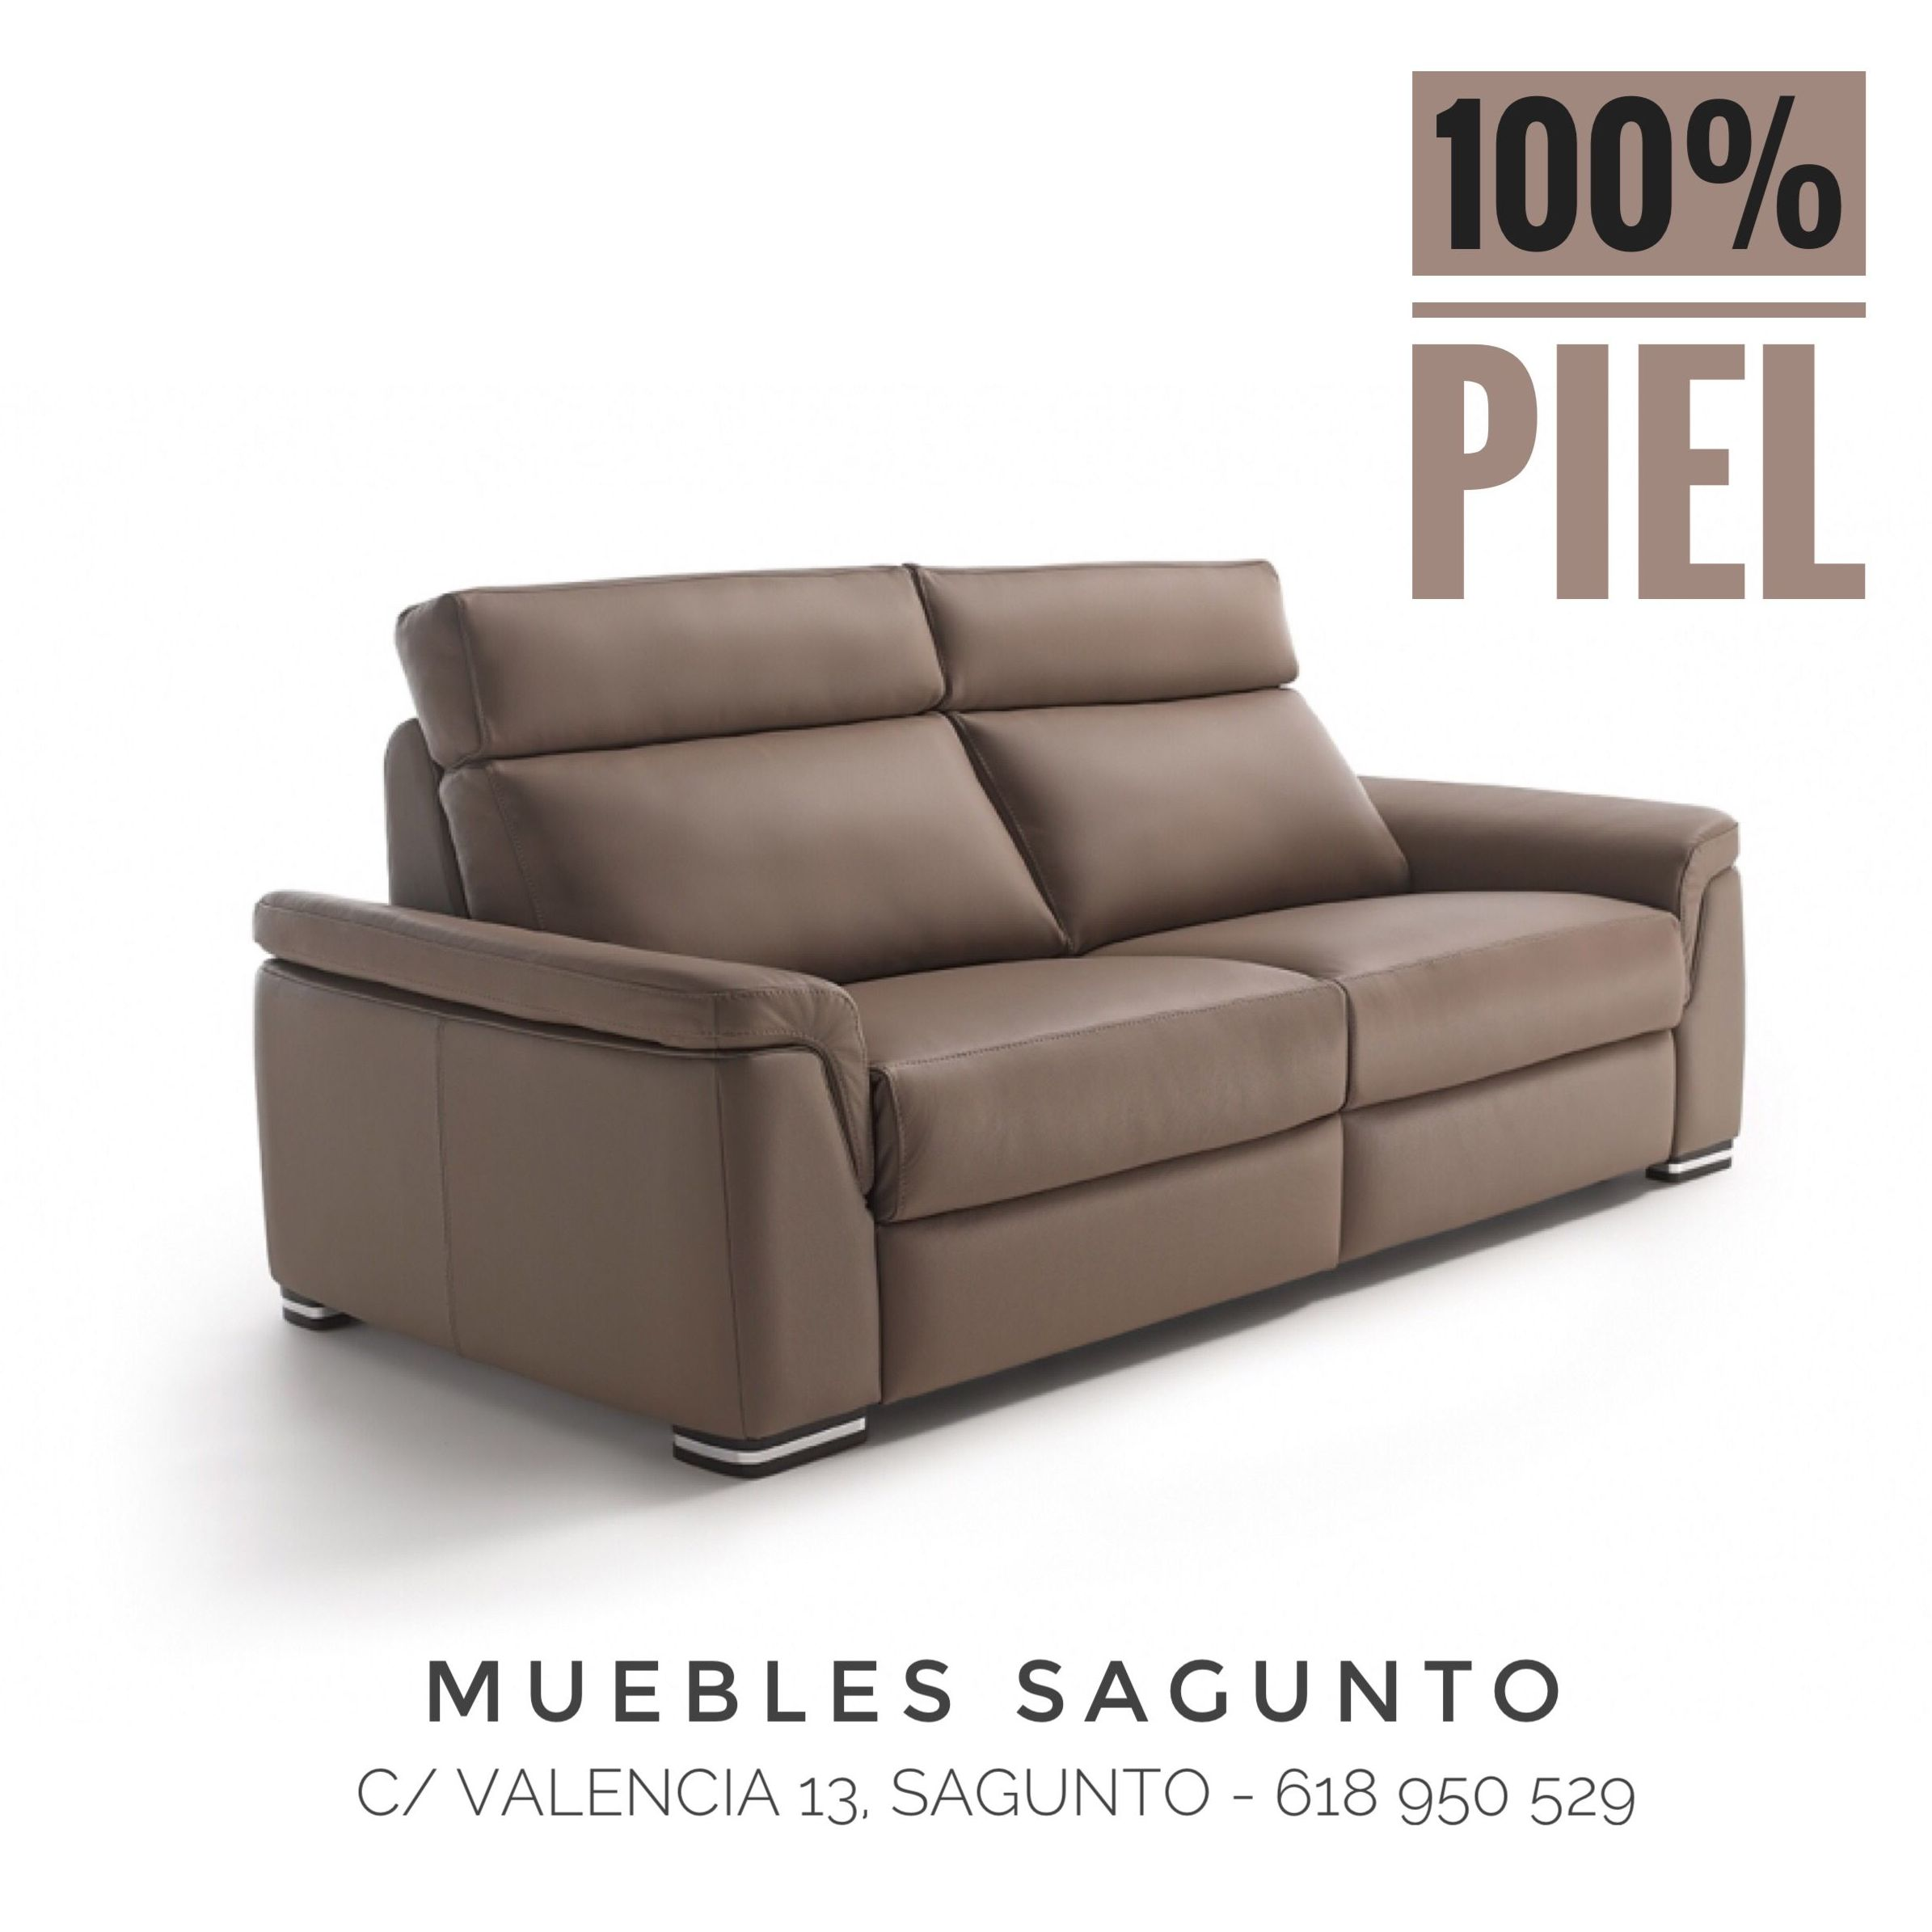 Foto 24 De Sof S Y Colchones En Sagunt Muebles Sagunto # Muebles Sagunto